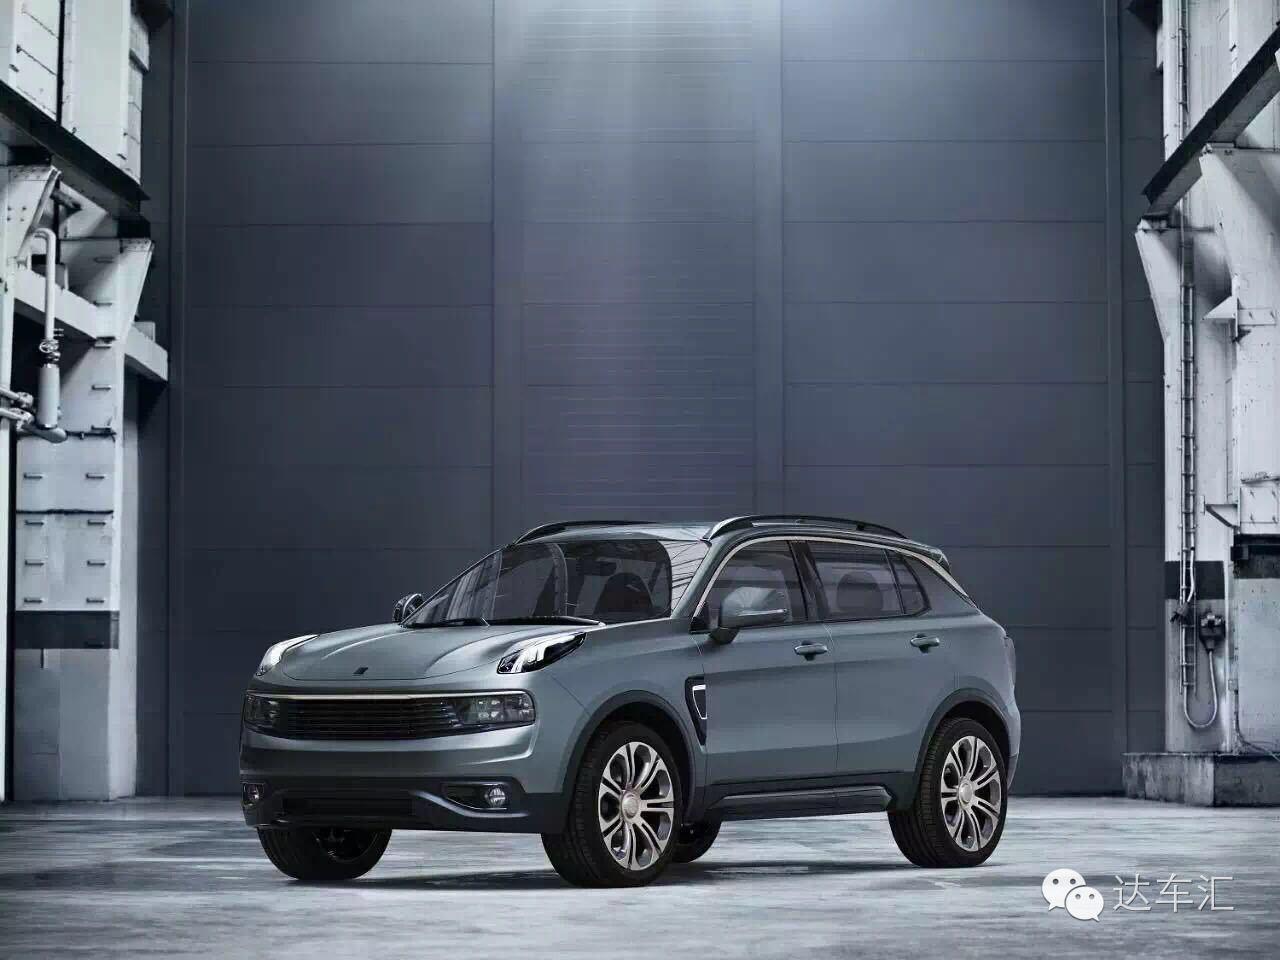 吉利博越,已经和我们车买买有过一次不短时间的相处,它有着高配置水平以及在同价位中国品牌SUV中优秀的底盘表现,在笔者看来它可以称得上是中国品牌SUV的标杆。但随着广汽传祺GS8的上市,它的地位受到了威胁,使得不少想要买吉利博越的人动摇了,要不要加点钱买传祺GS8?这部分人中,就数想要购买14.